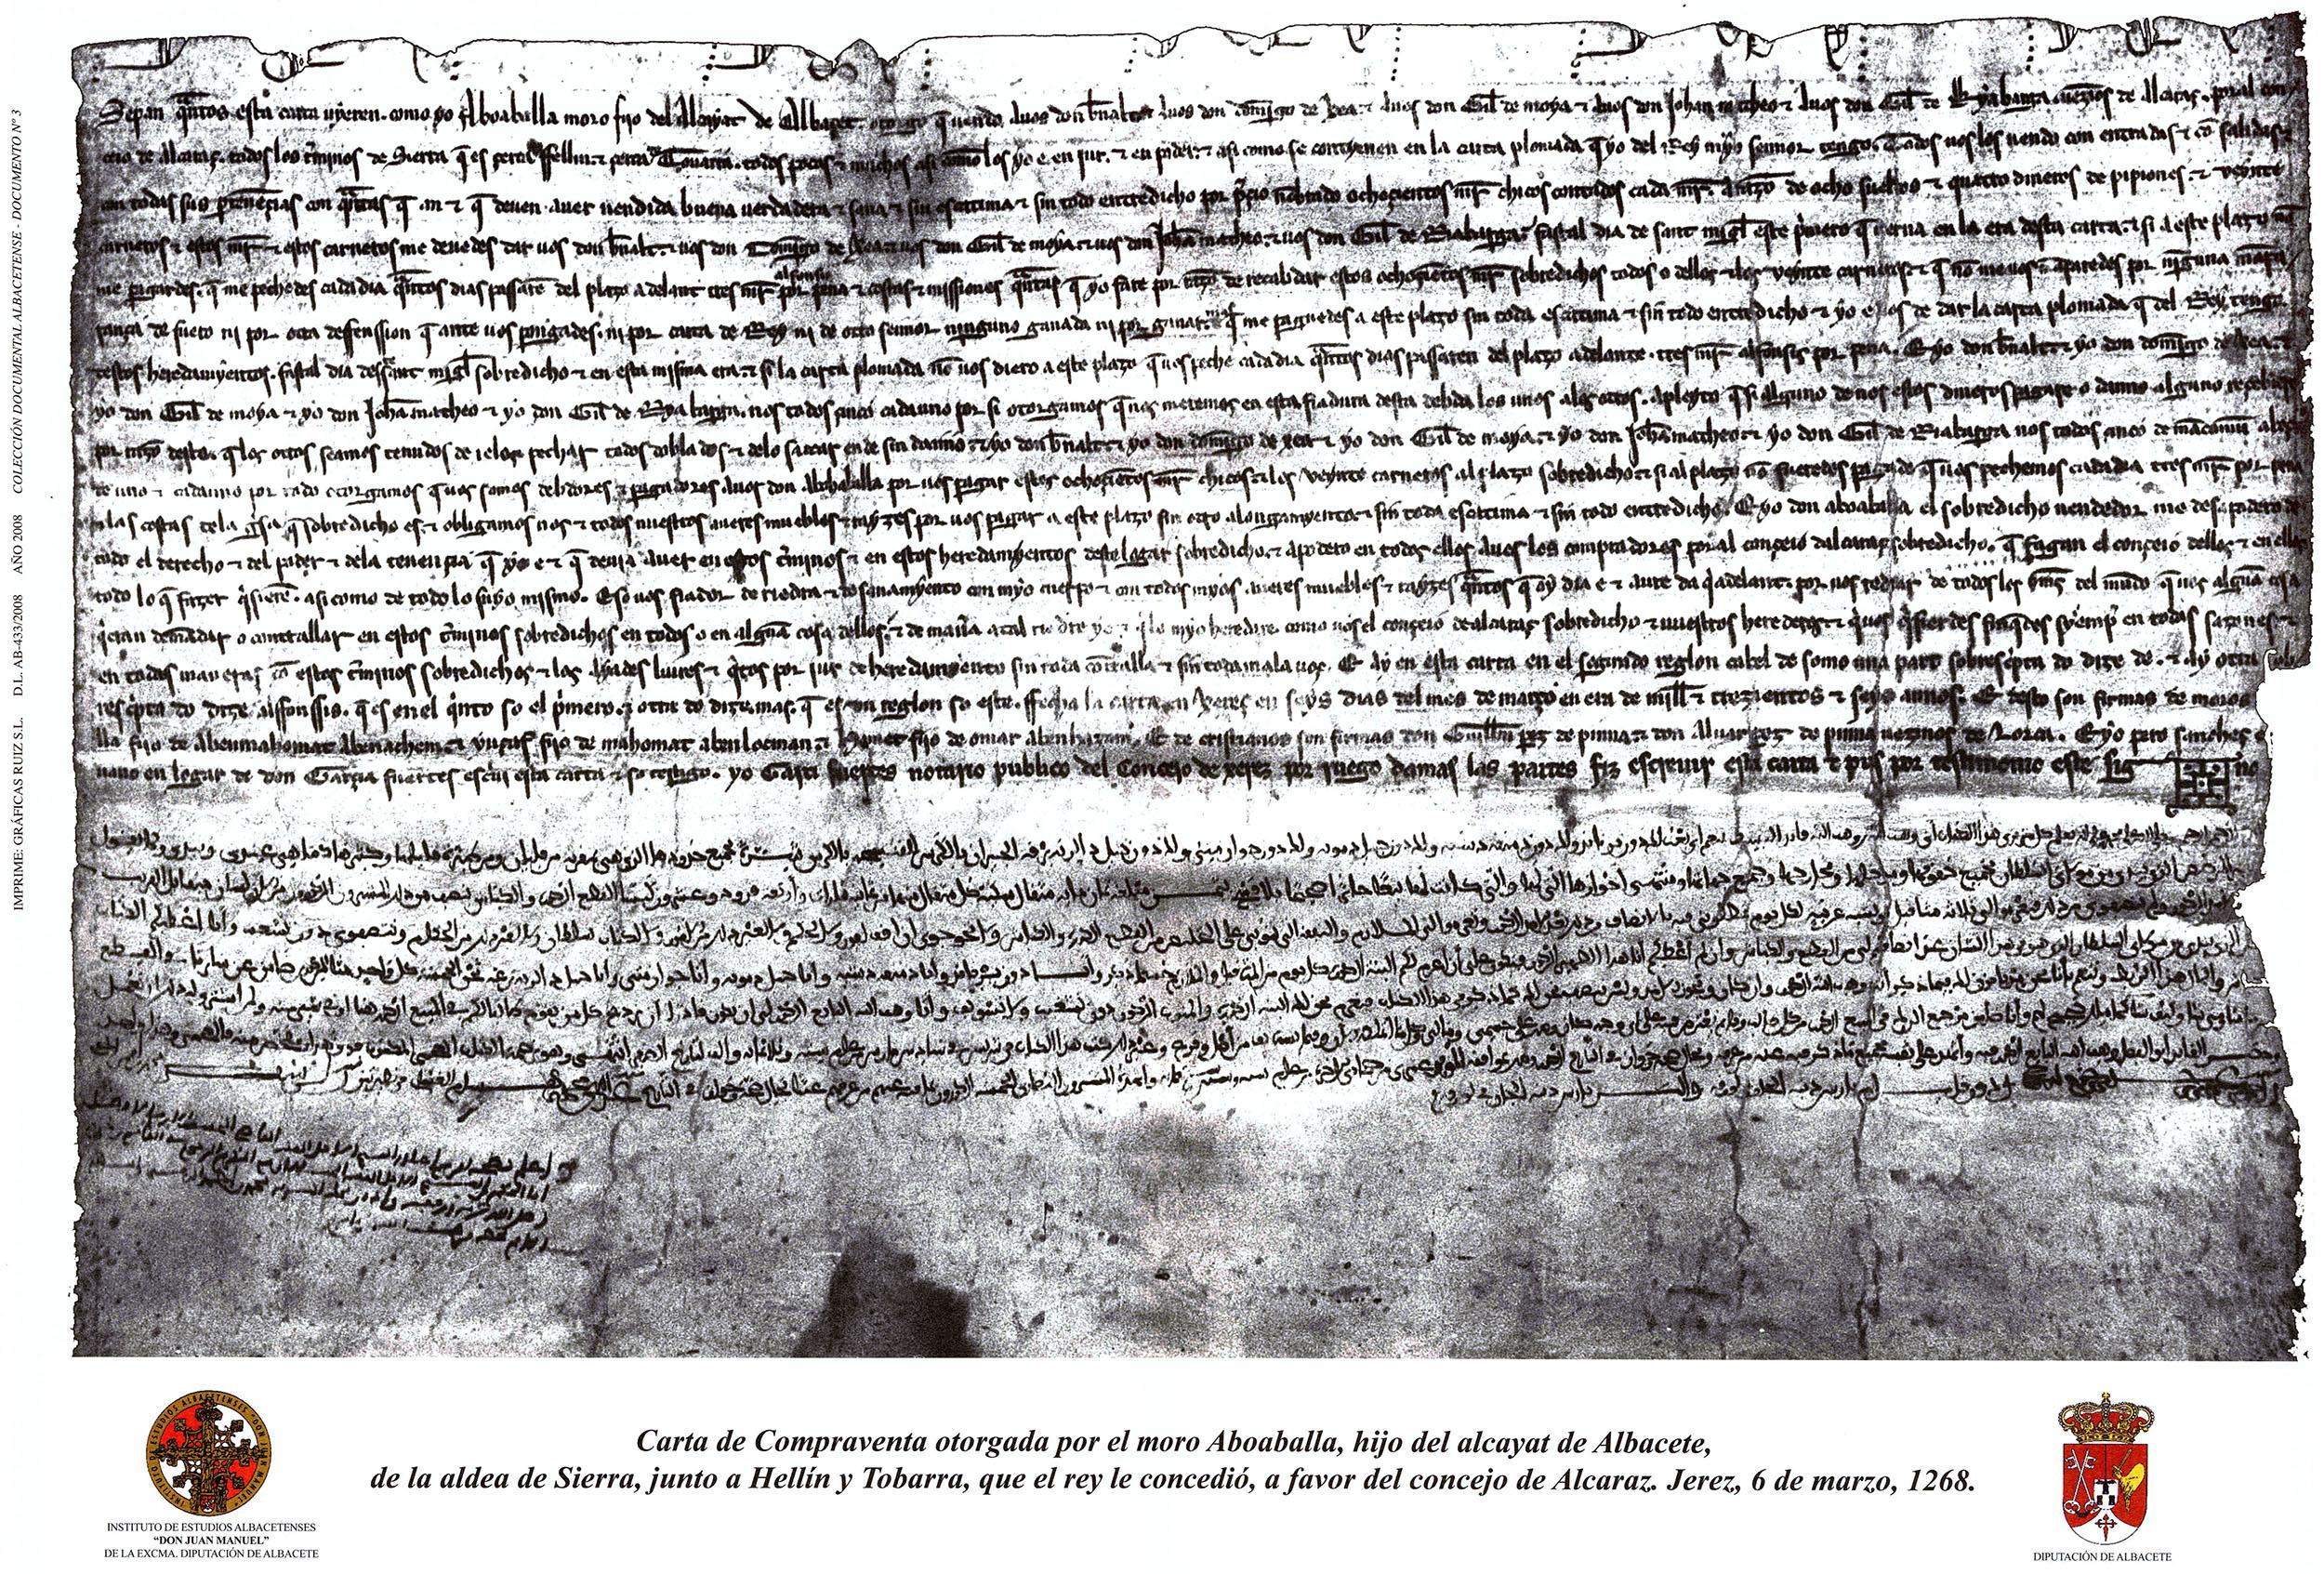 Carta de compraventa otorgada por el moro Aboaballa, de la aldea de Sierra en 1268